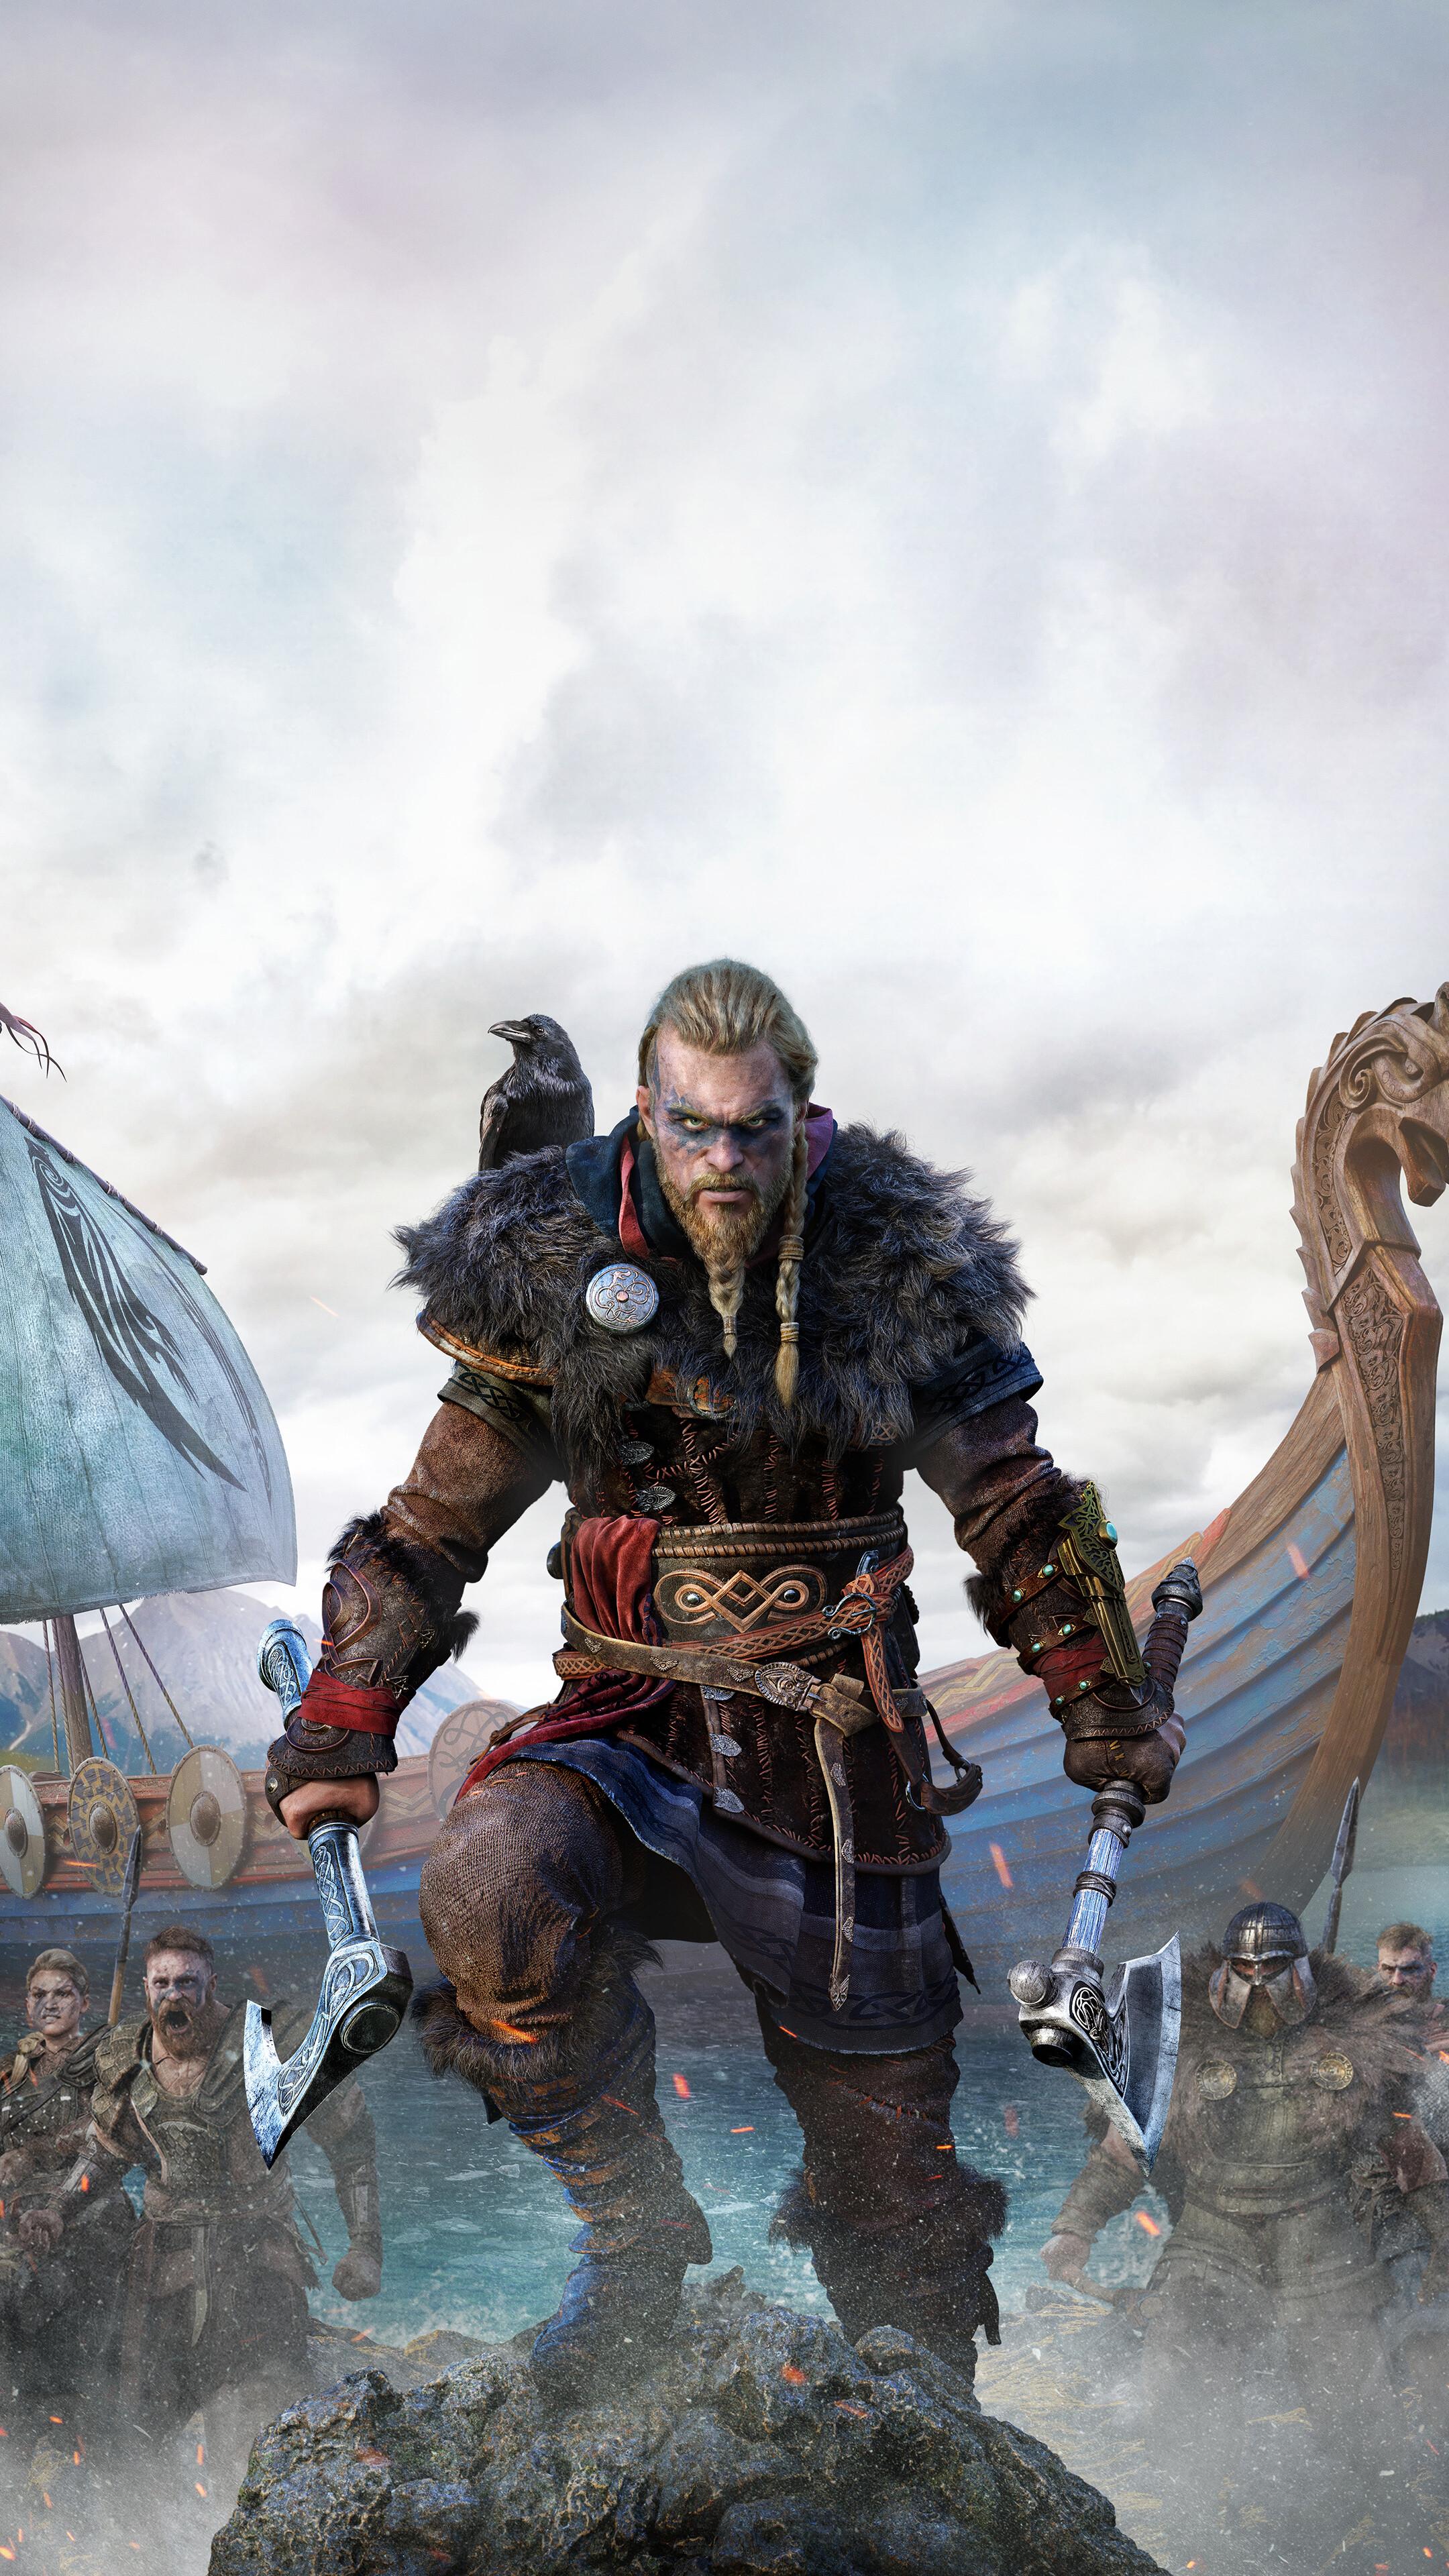 Eivor Assassins Creed Valhalla Viking Boat 4K Wallpaper 71969 2160x3840